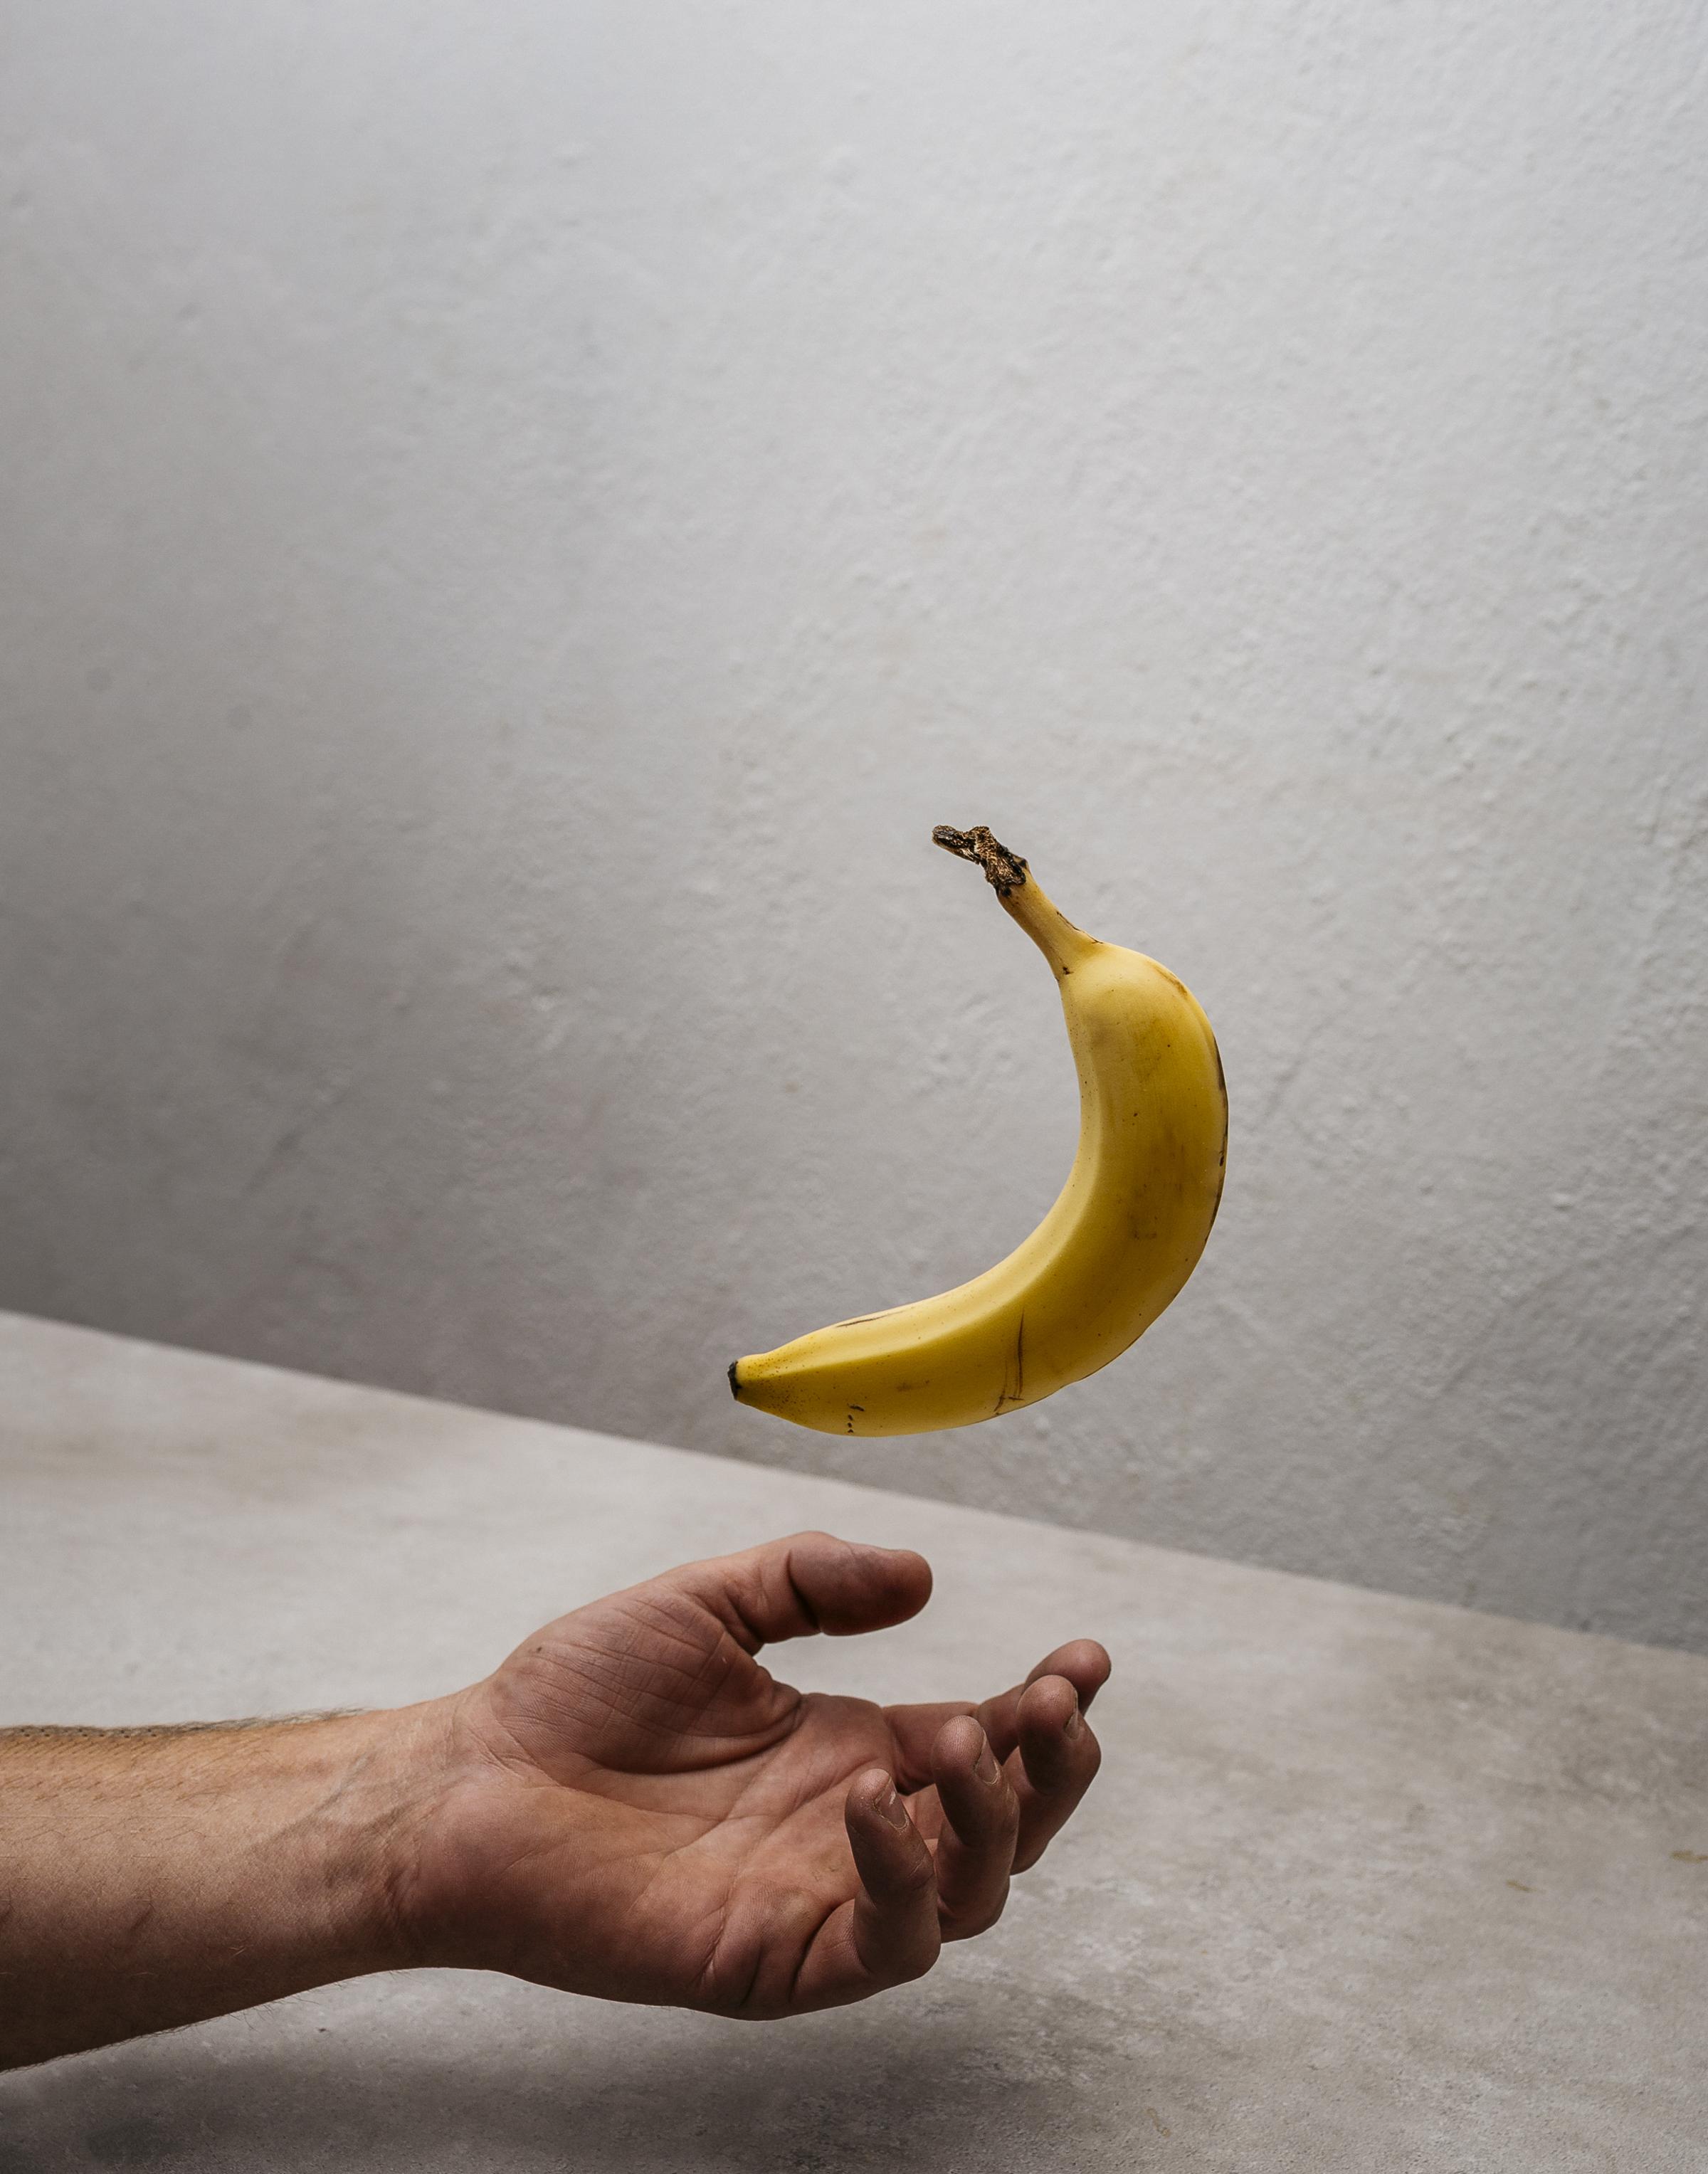 banana_hands_WEBSITE (1 of 1).jpg